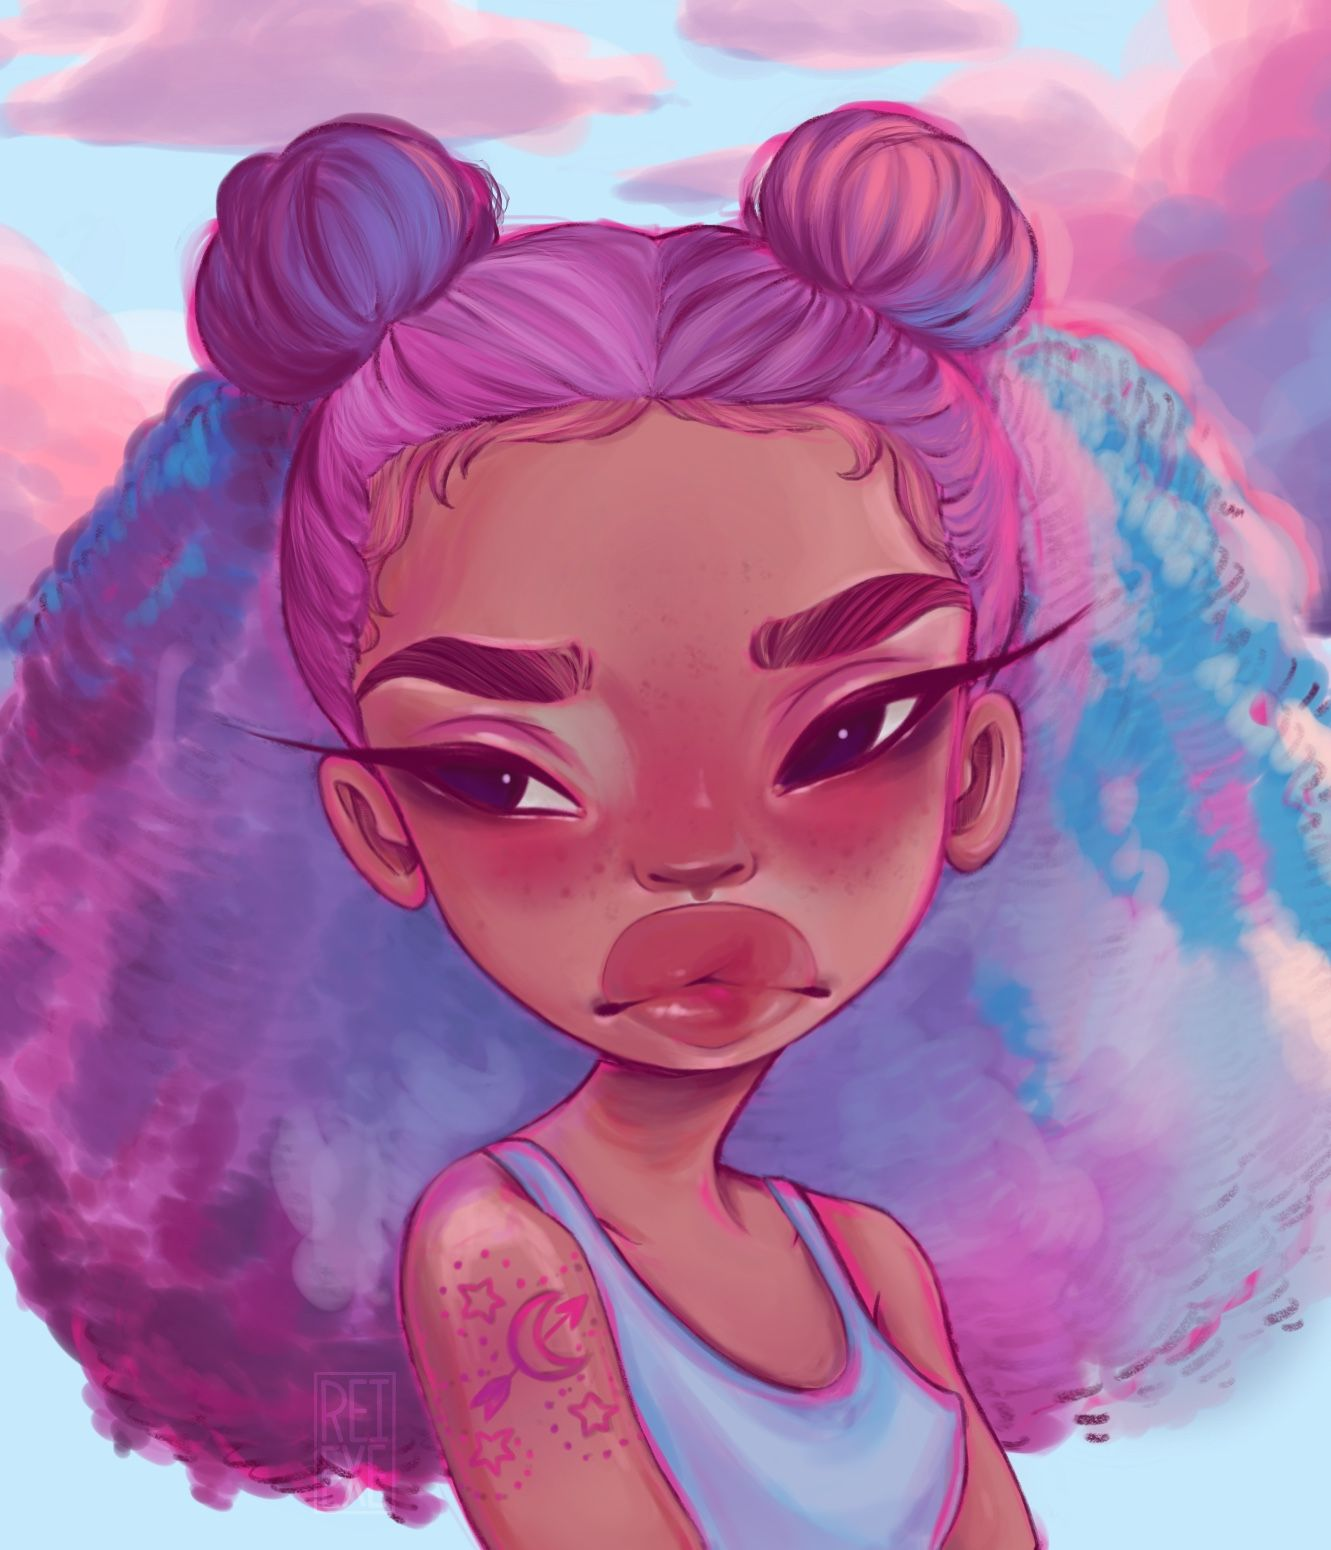 Liya 11x14 Art Print in 2020 Cartoon art, Anime art girl